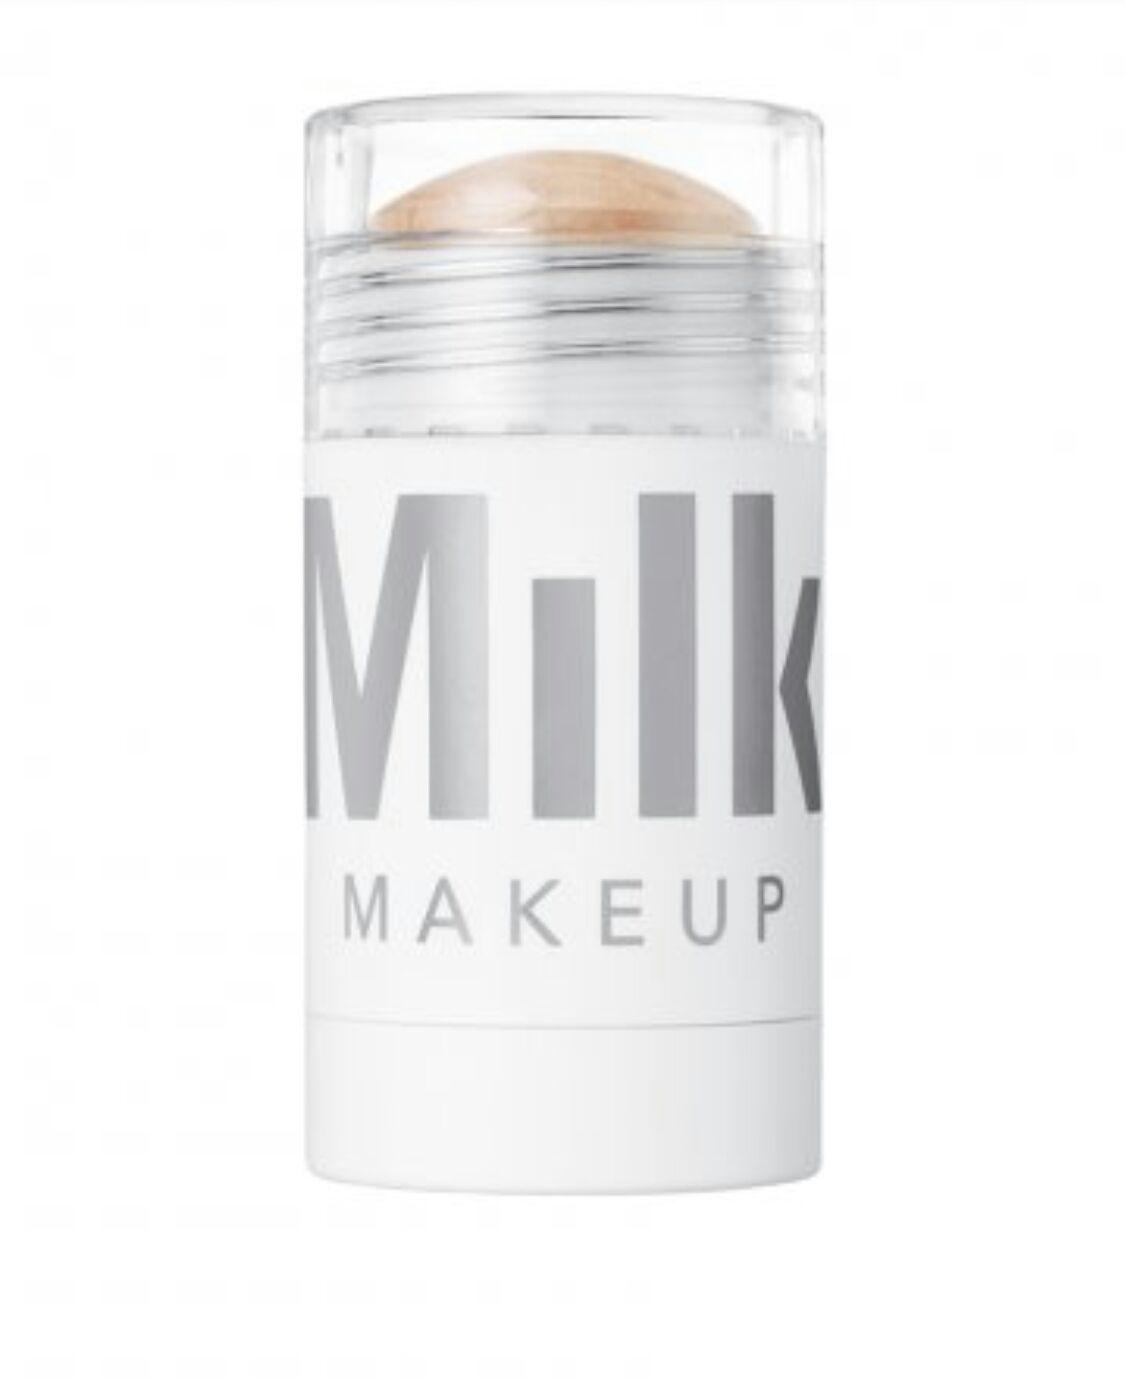 Milk Makeup Highlighter - Lit - Reviews   MakeupAlley